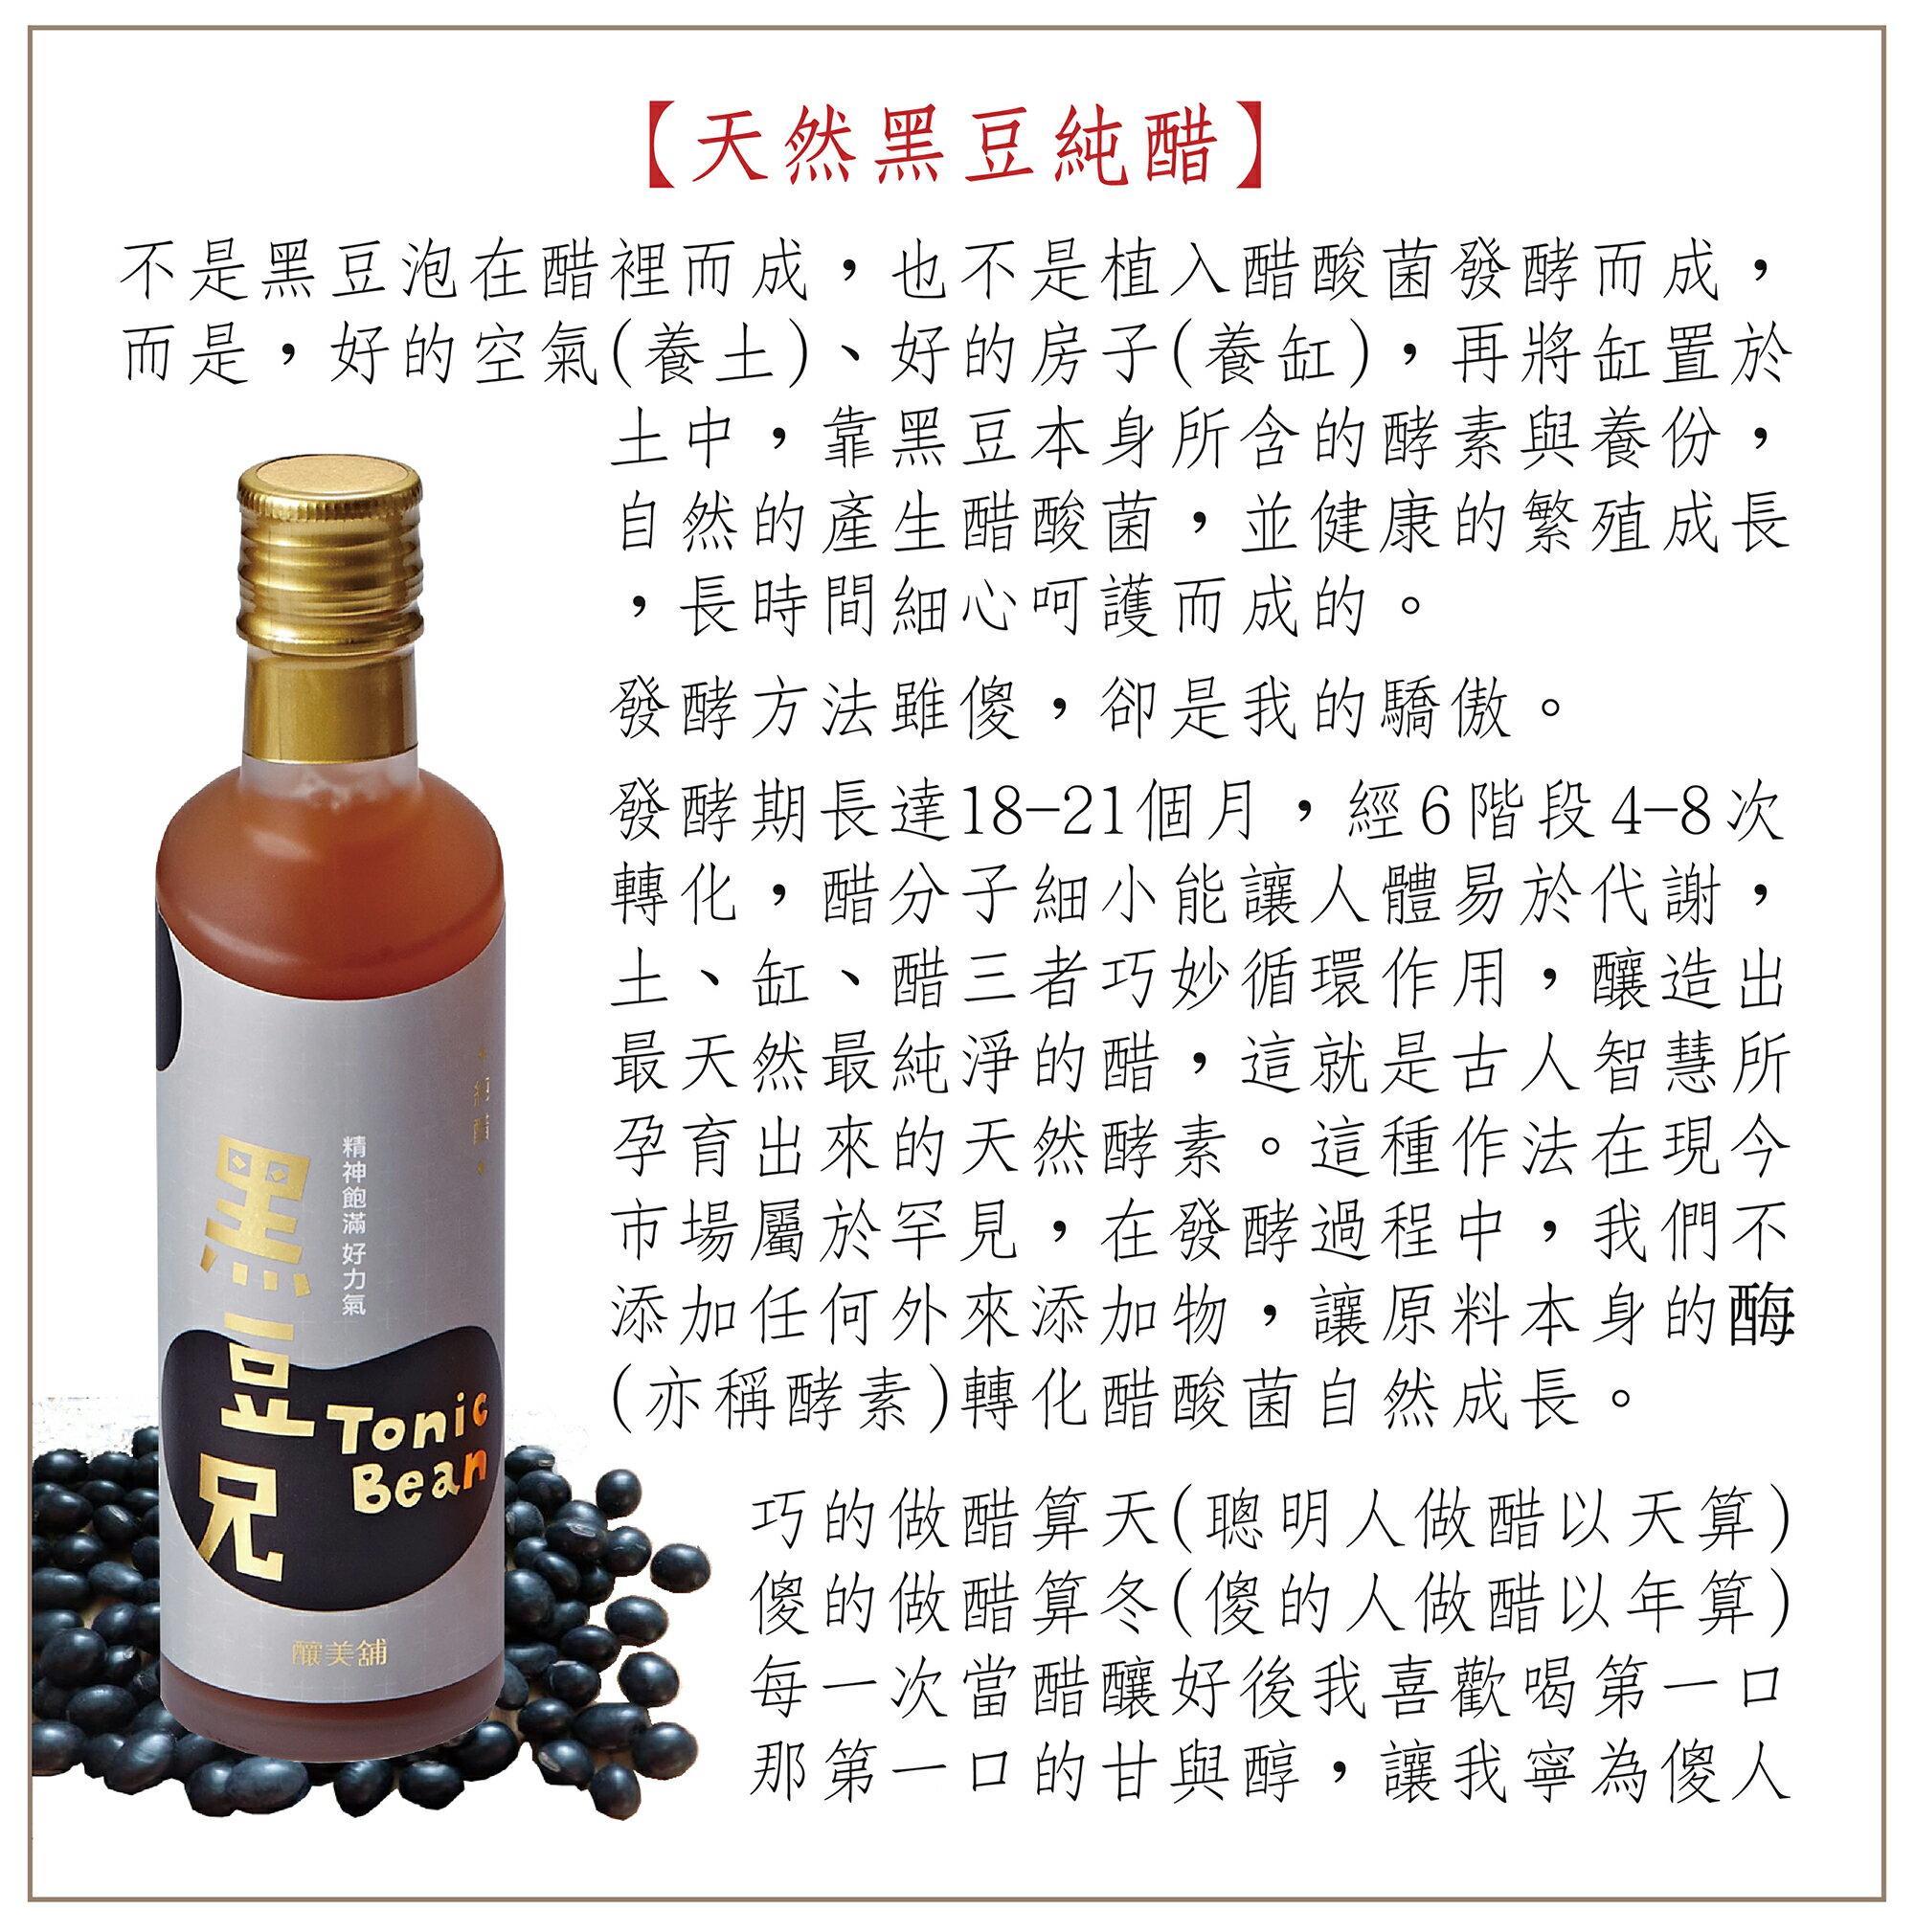 【釀美舖】黑豆 發酵純醋 (無糖) 3